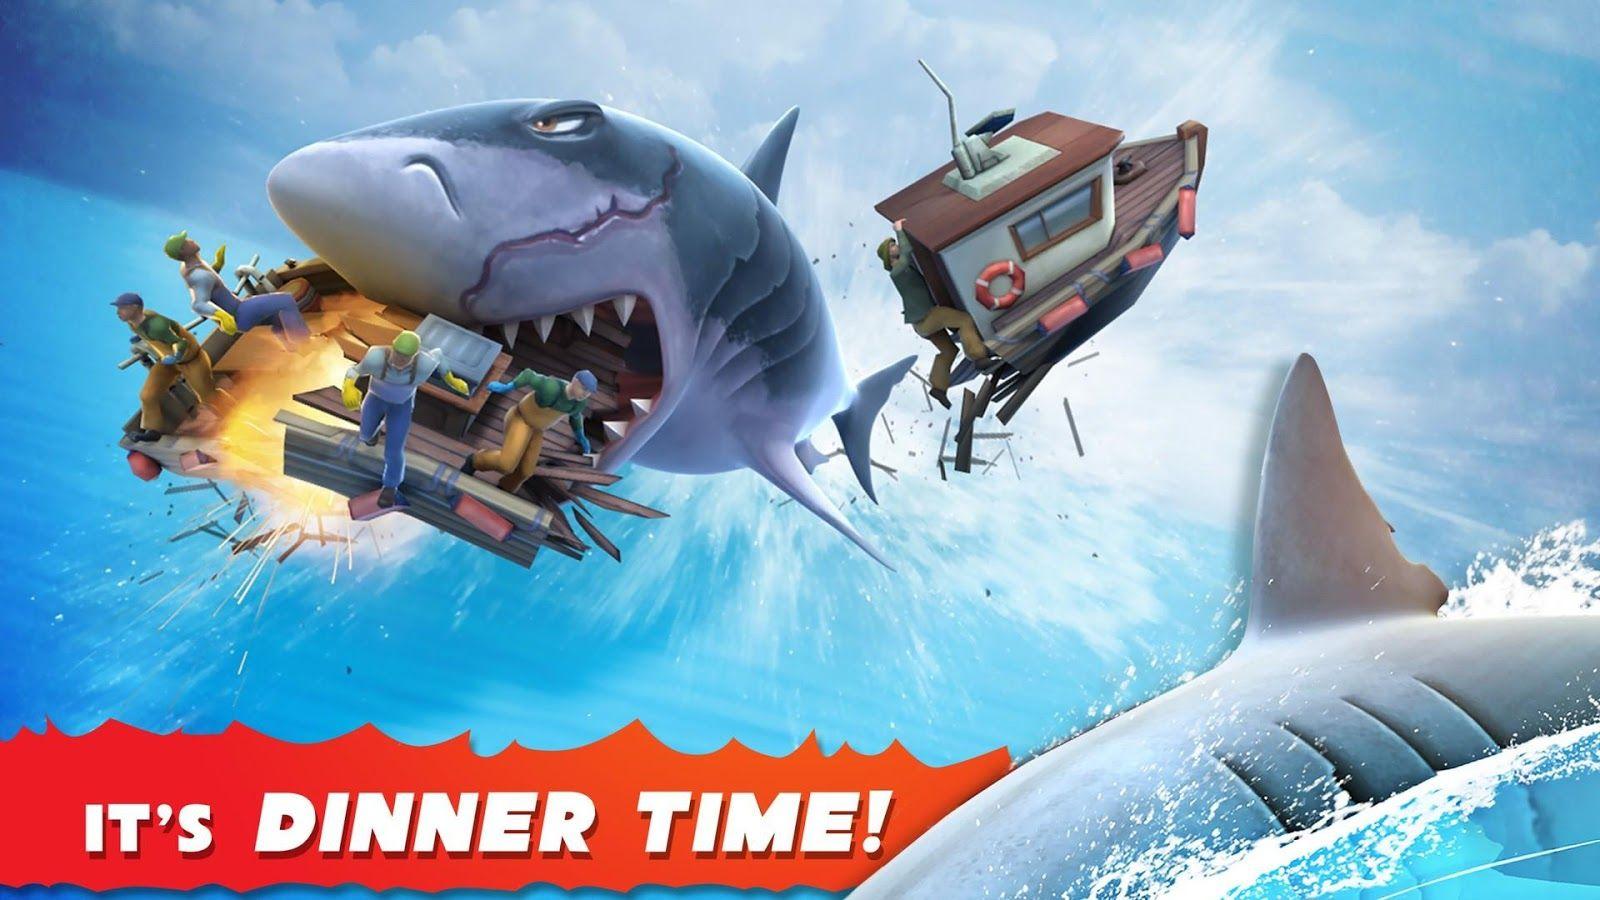 Секреты hungry shark evolution, скачать хангри шарк эволюшн мод.